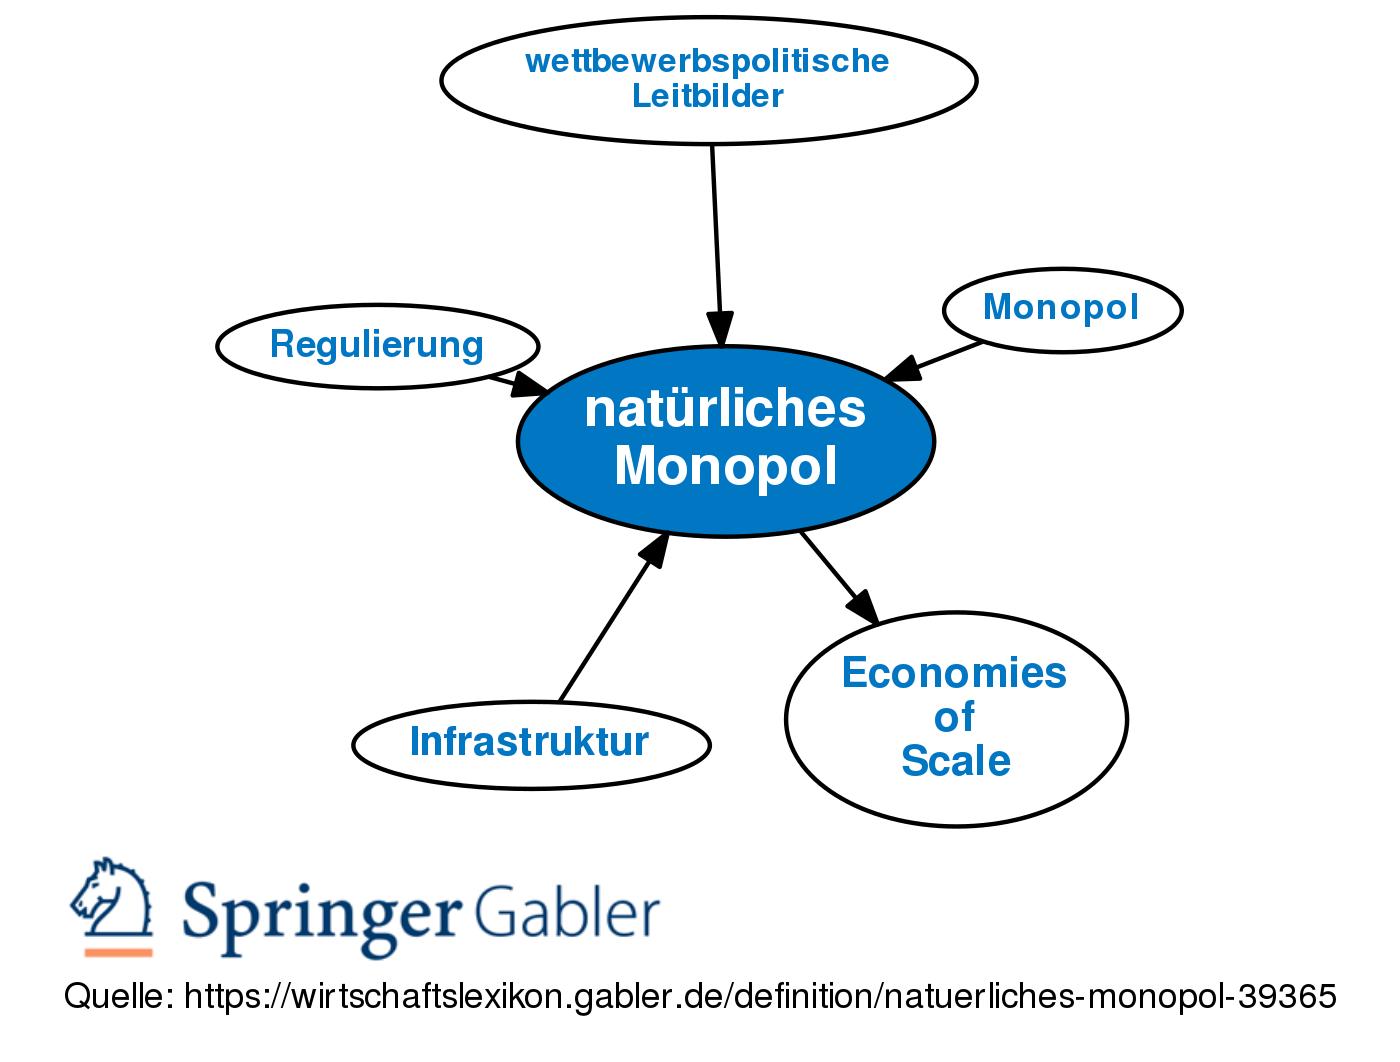 Naturliches Monopol Definition Gabler Wirtschaftslexikon